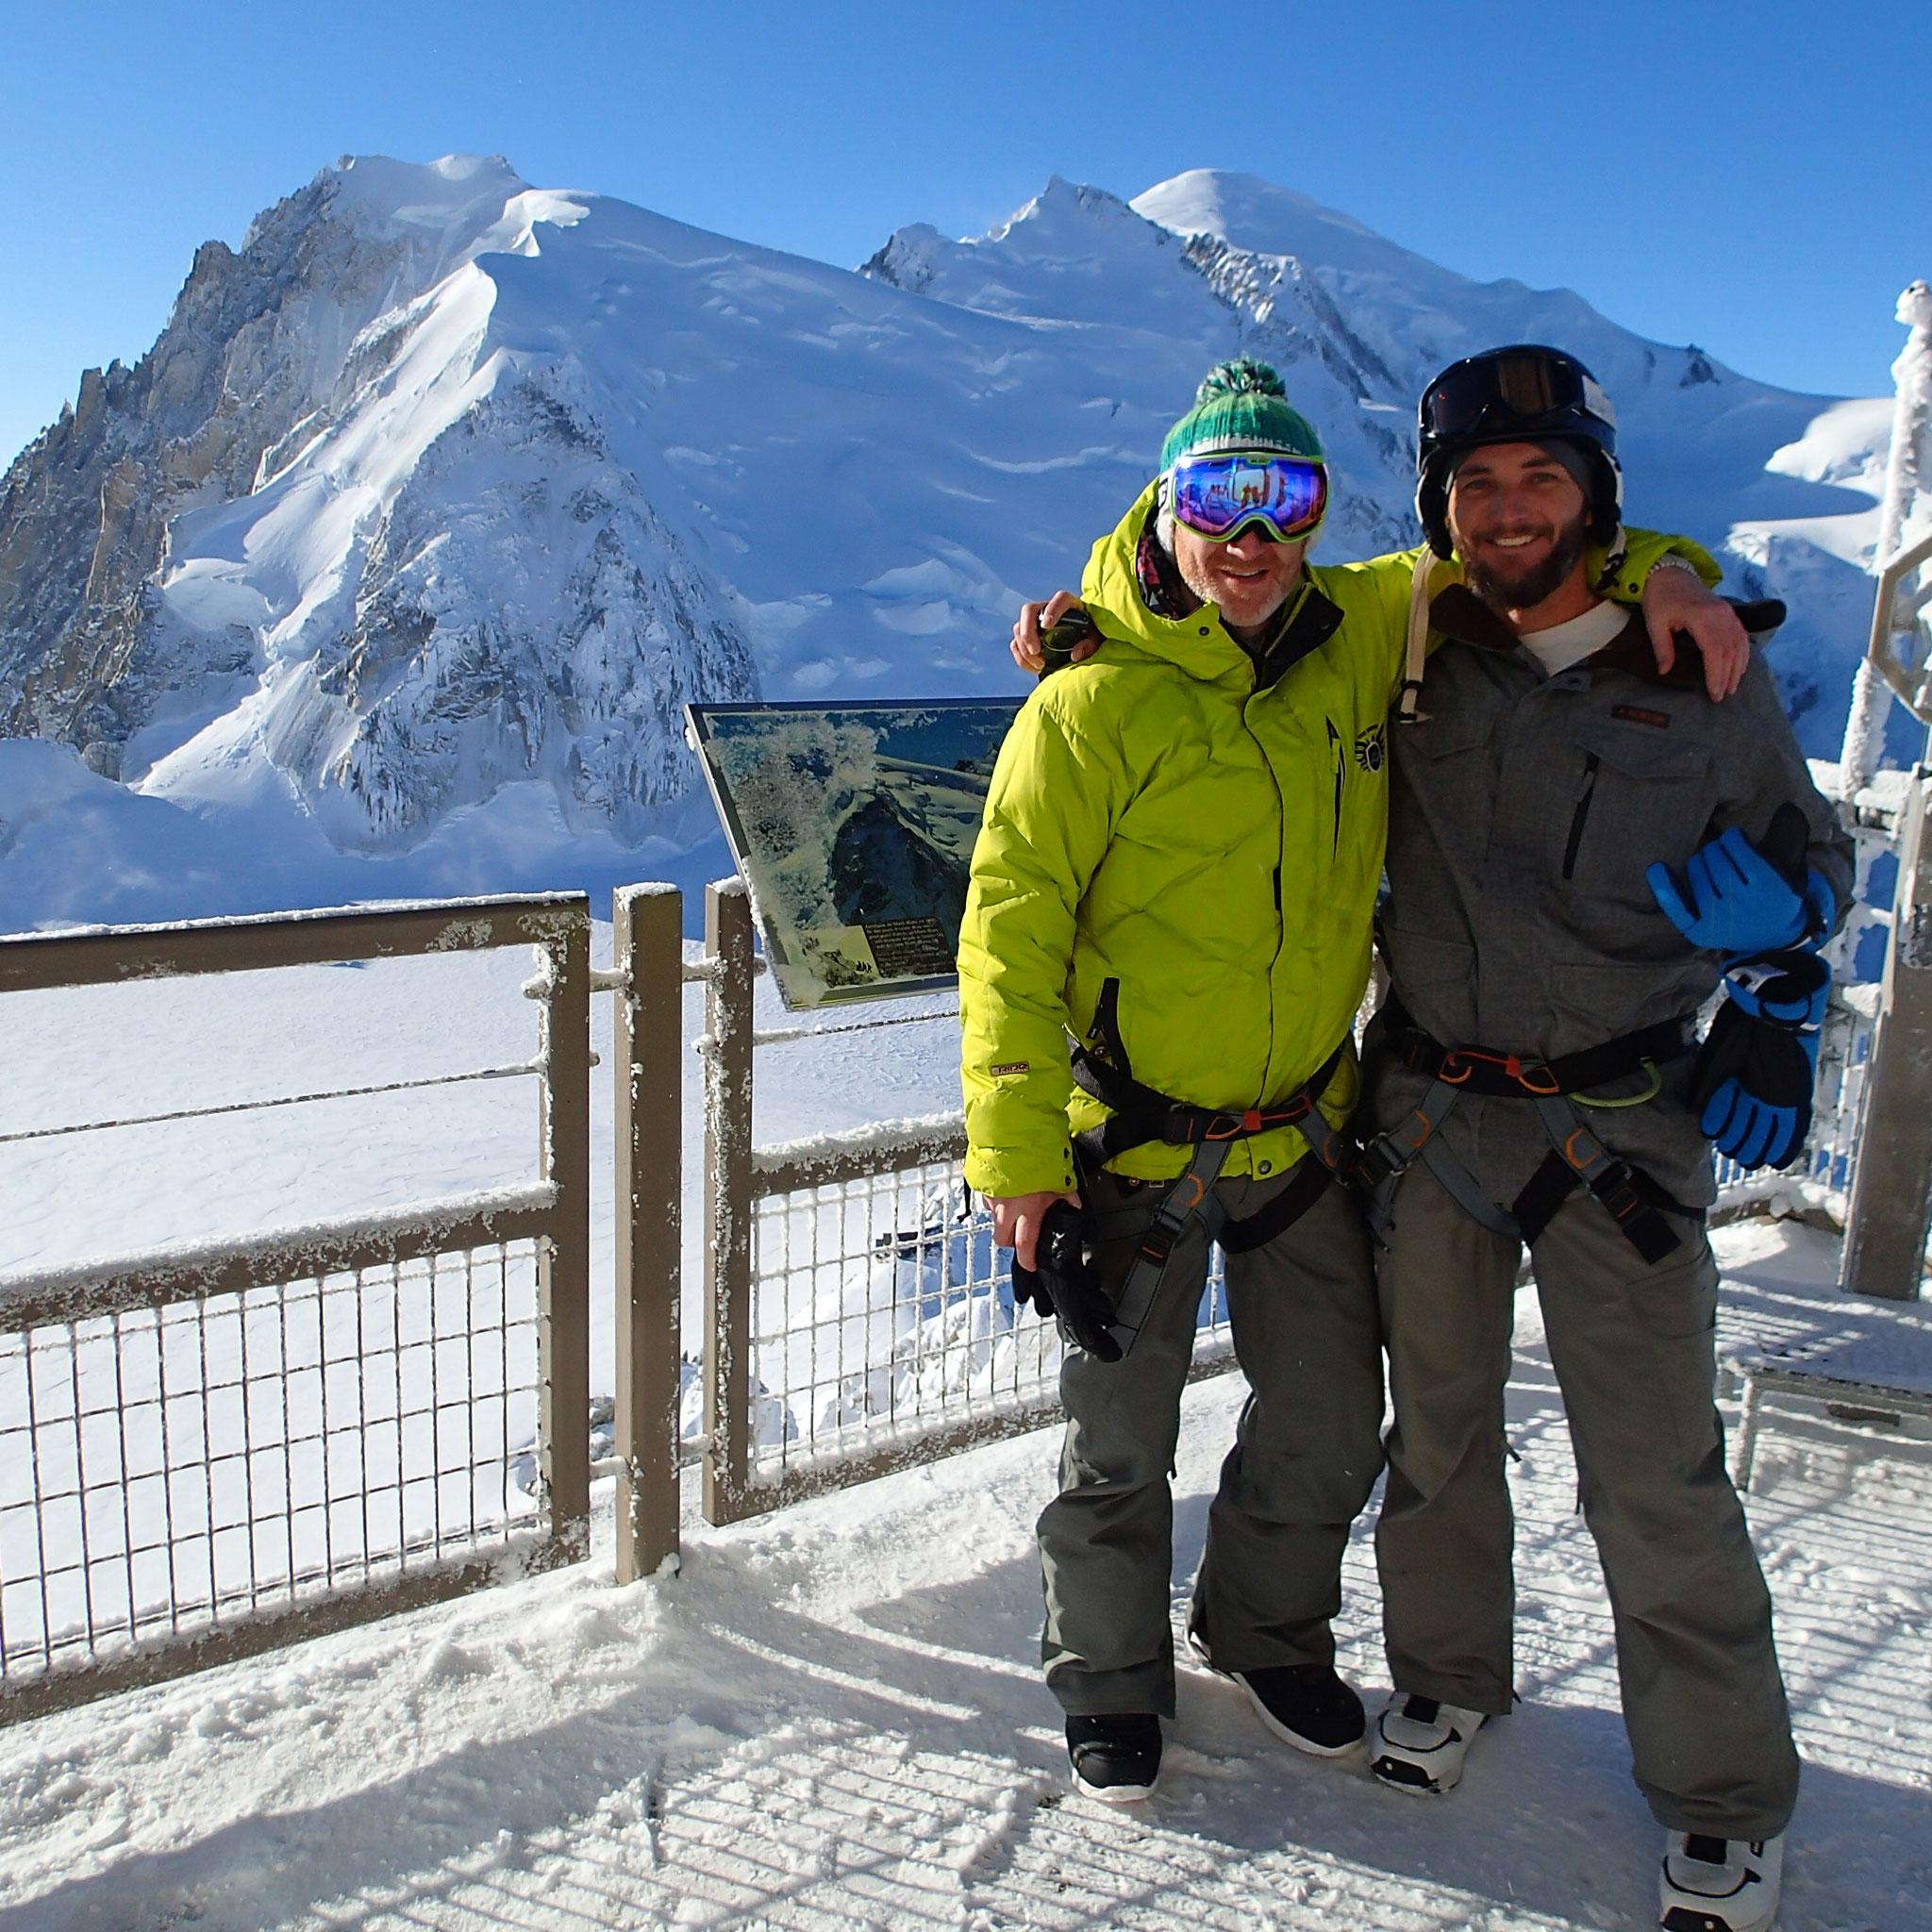 Dave et Sam devant le Mont-Blanc